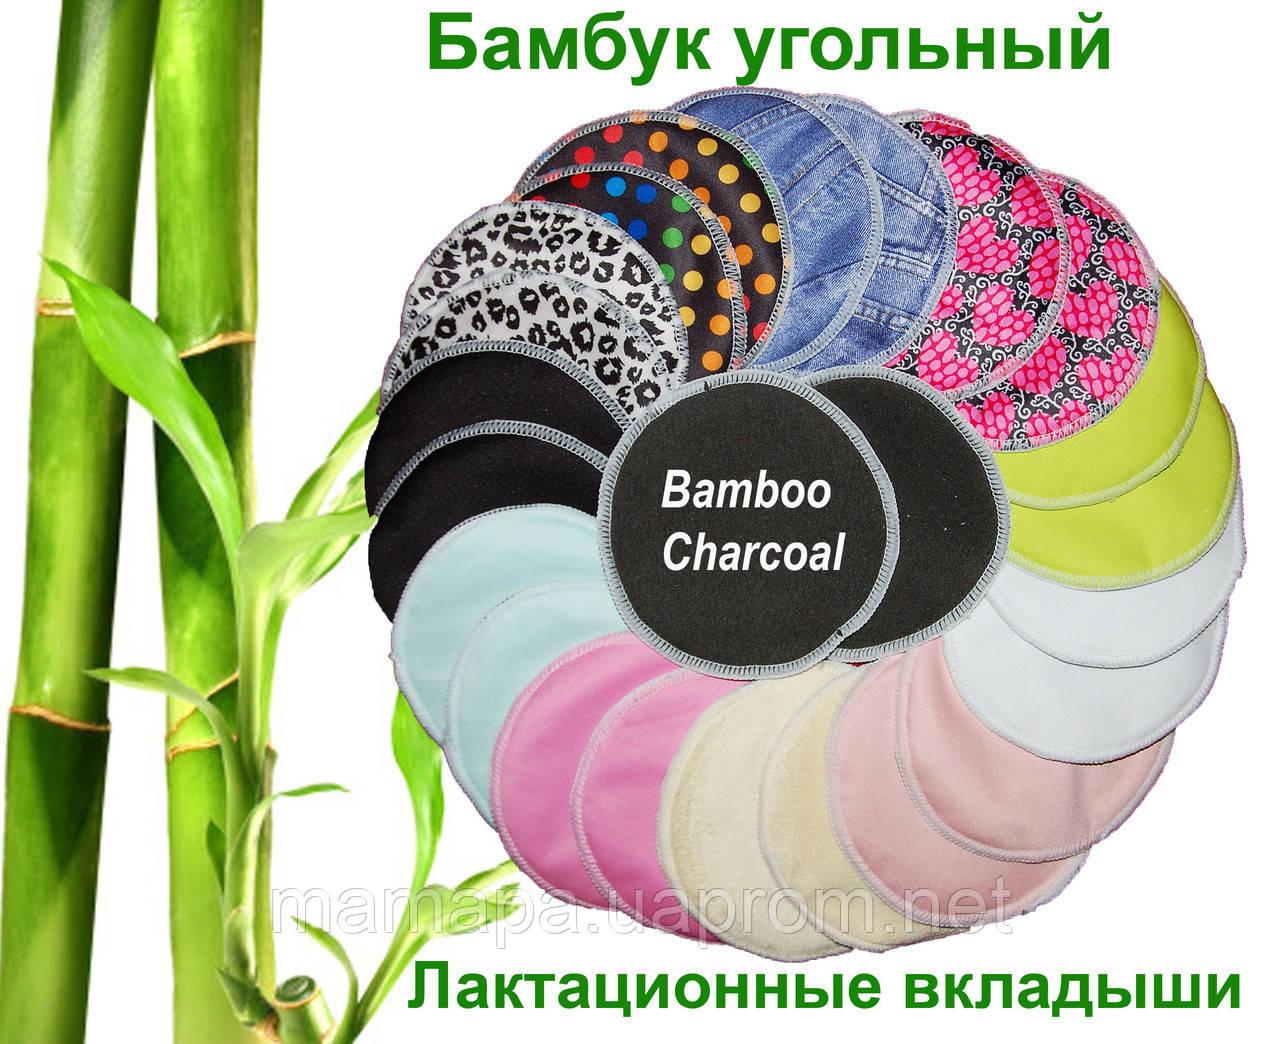 a7c3772e4e48 Лактационные вкладыши многоразовые непромокаемые (бамбуковые угольные,  велюровые) - Мамапа  ) ❤️